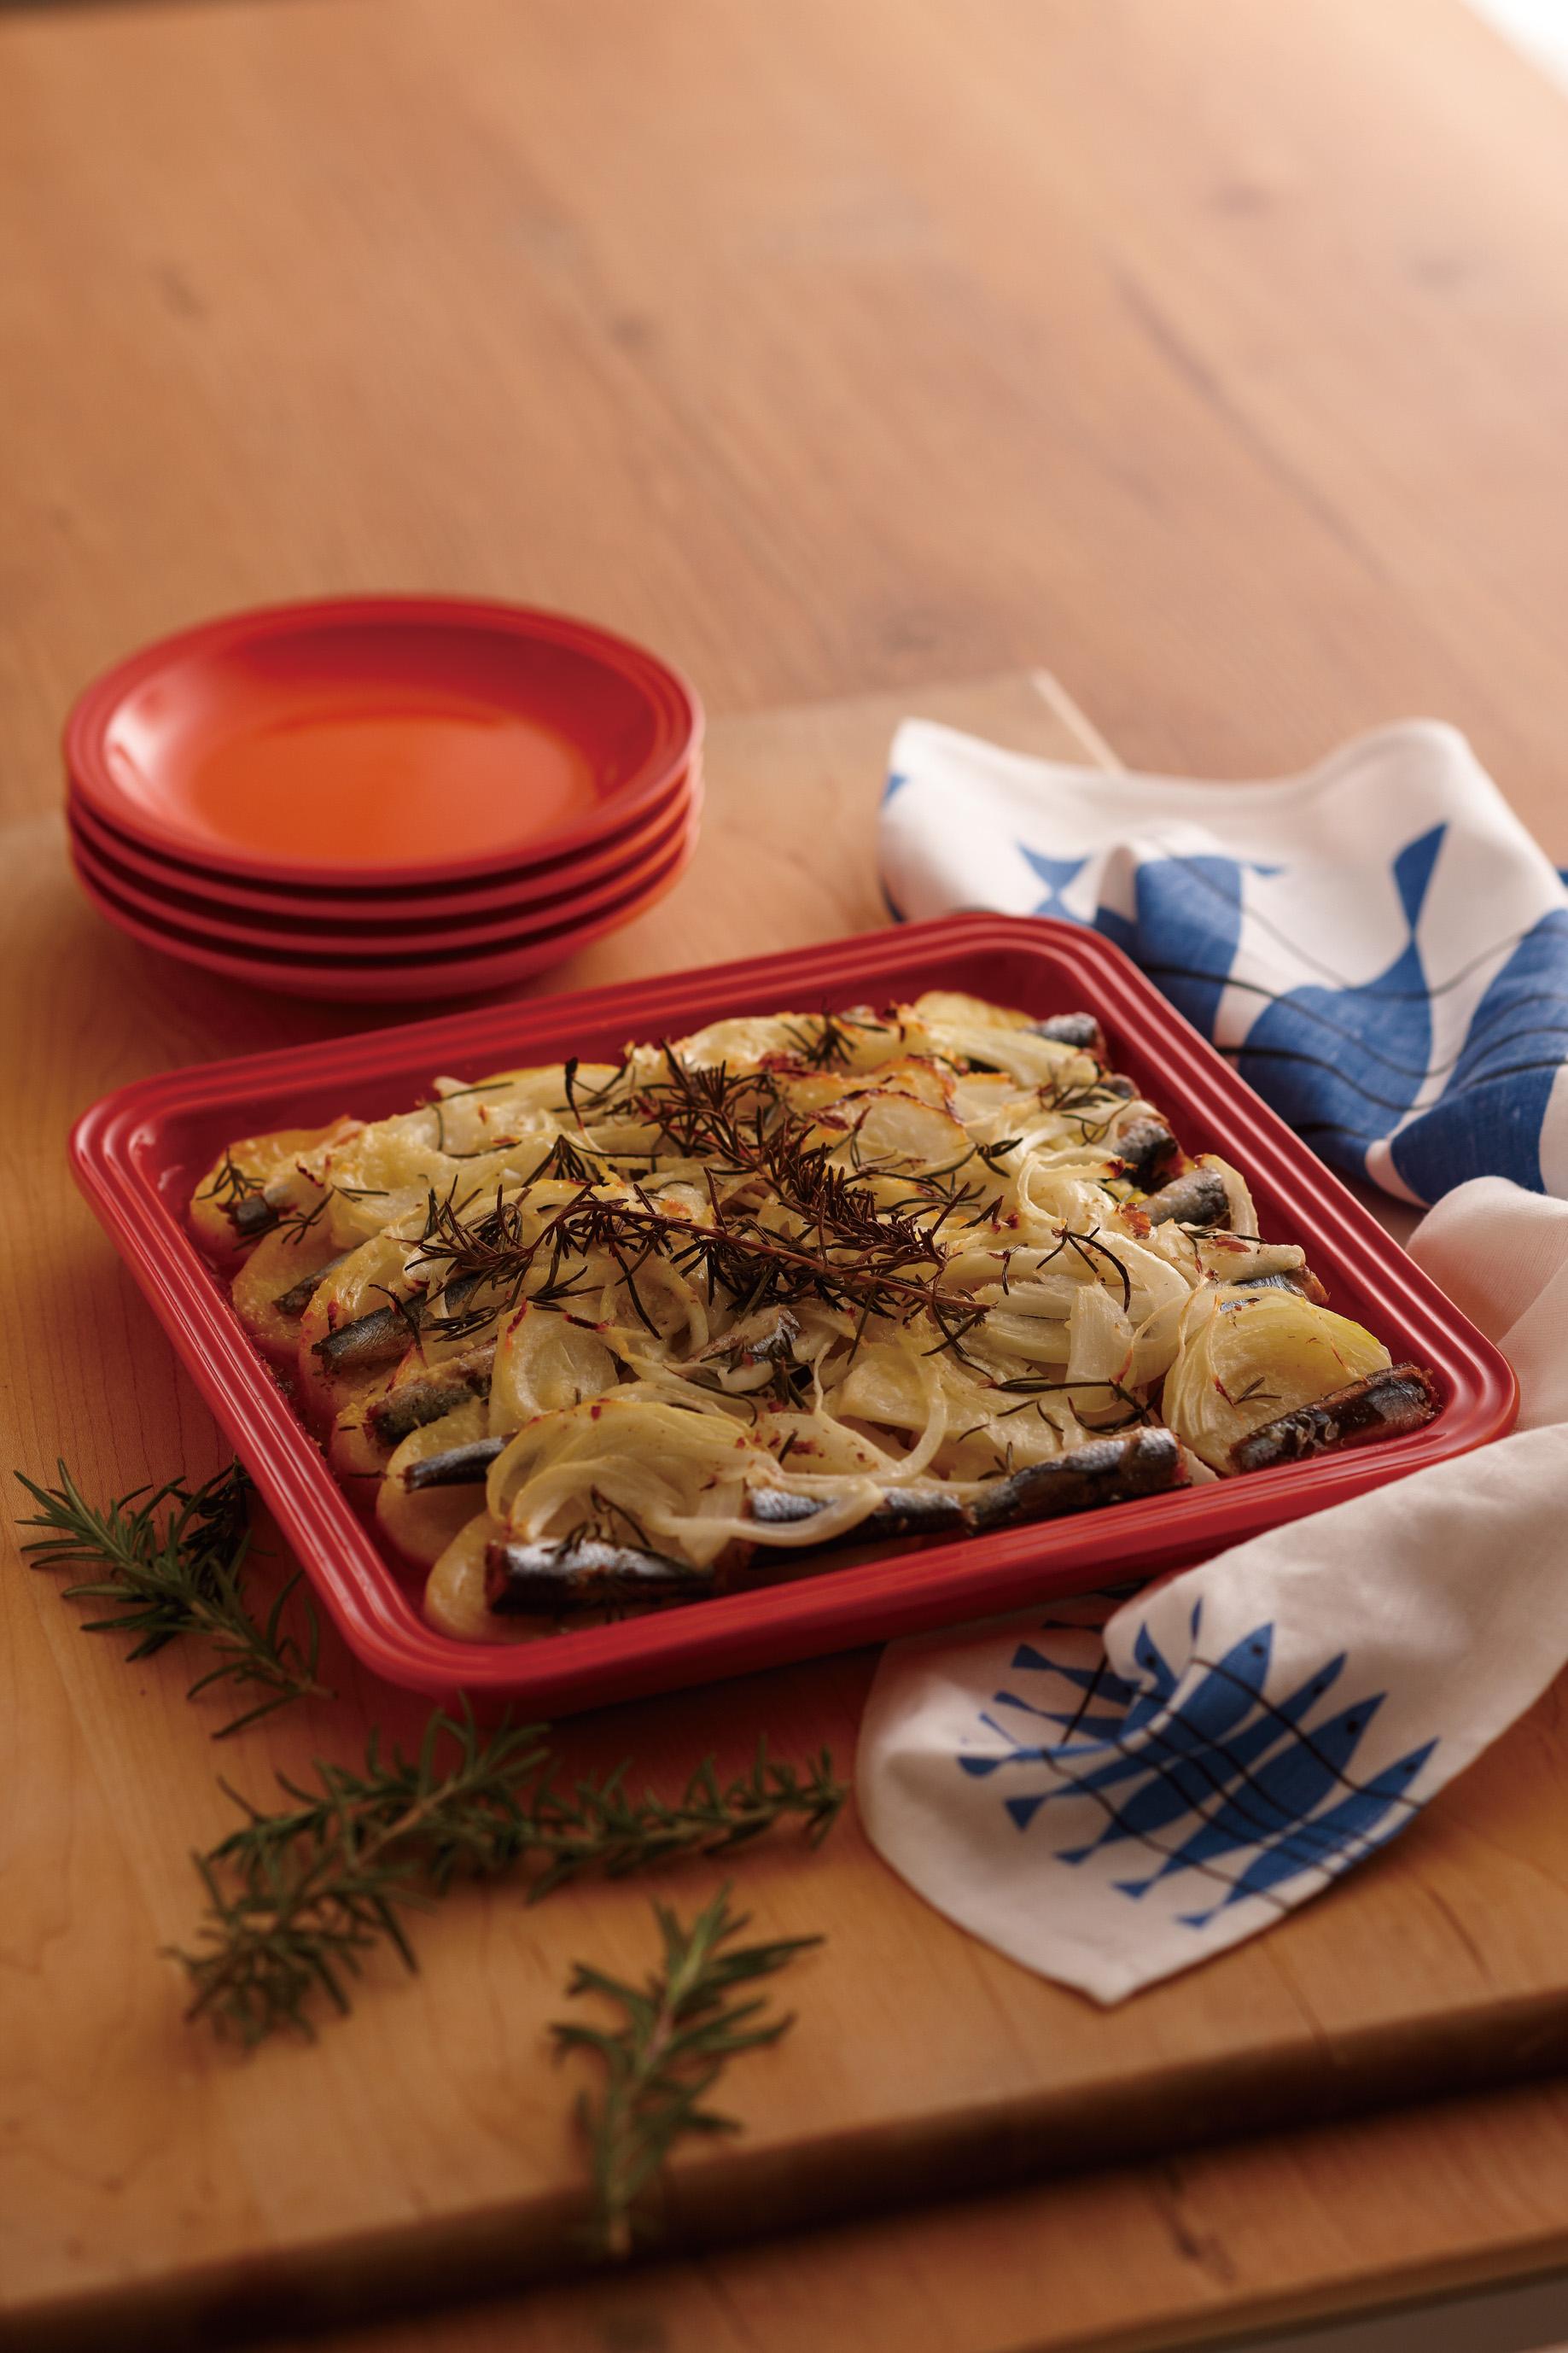 ポテトとオイルサーディンのオーブン焼き